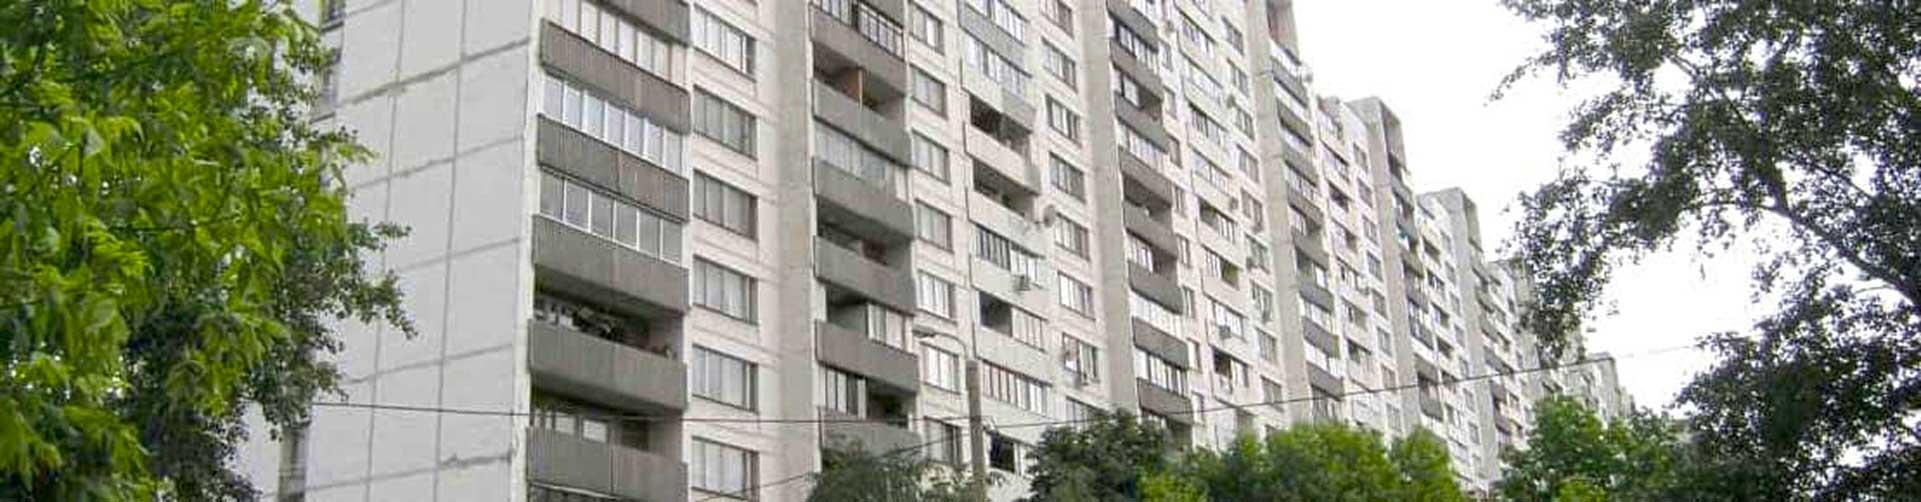 Деревянные окна в дома серии И-491А